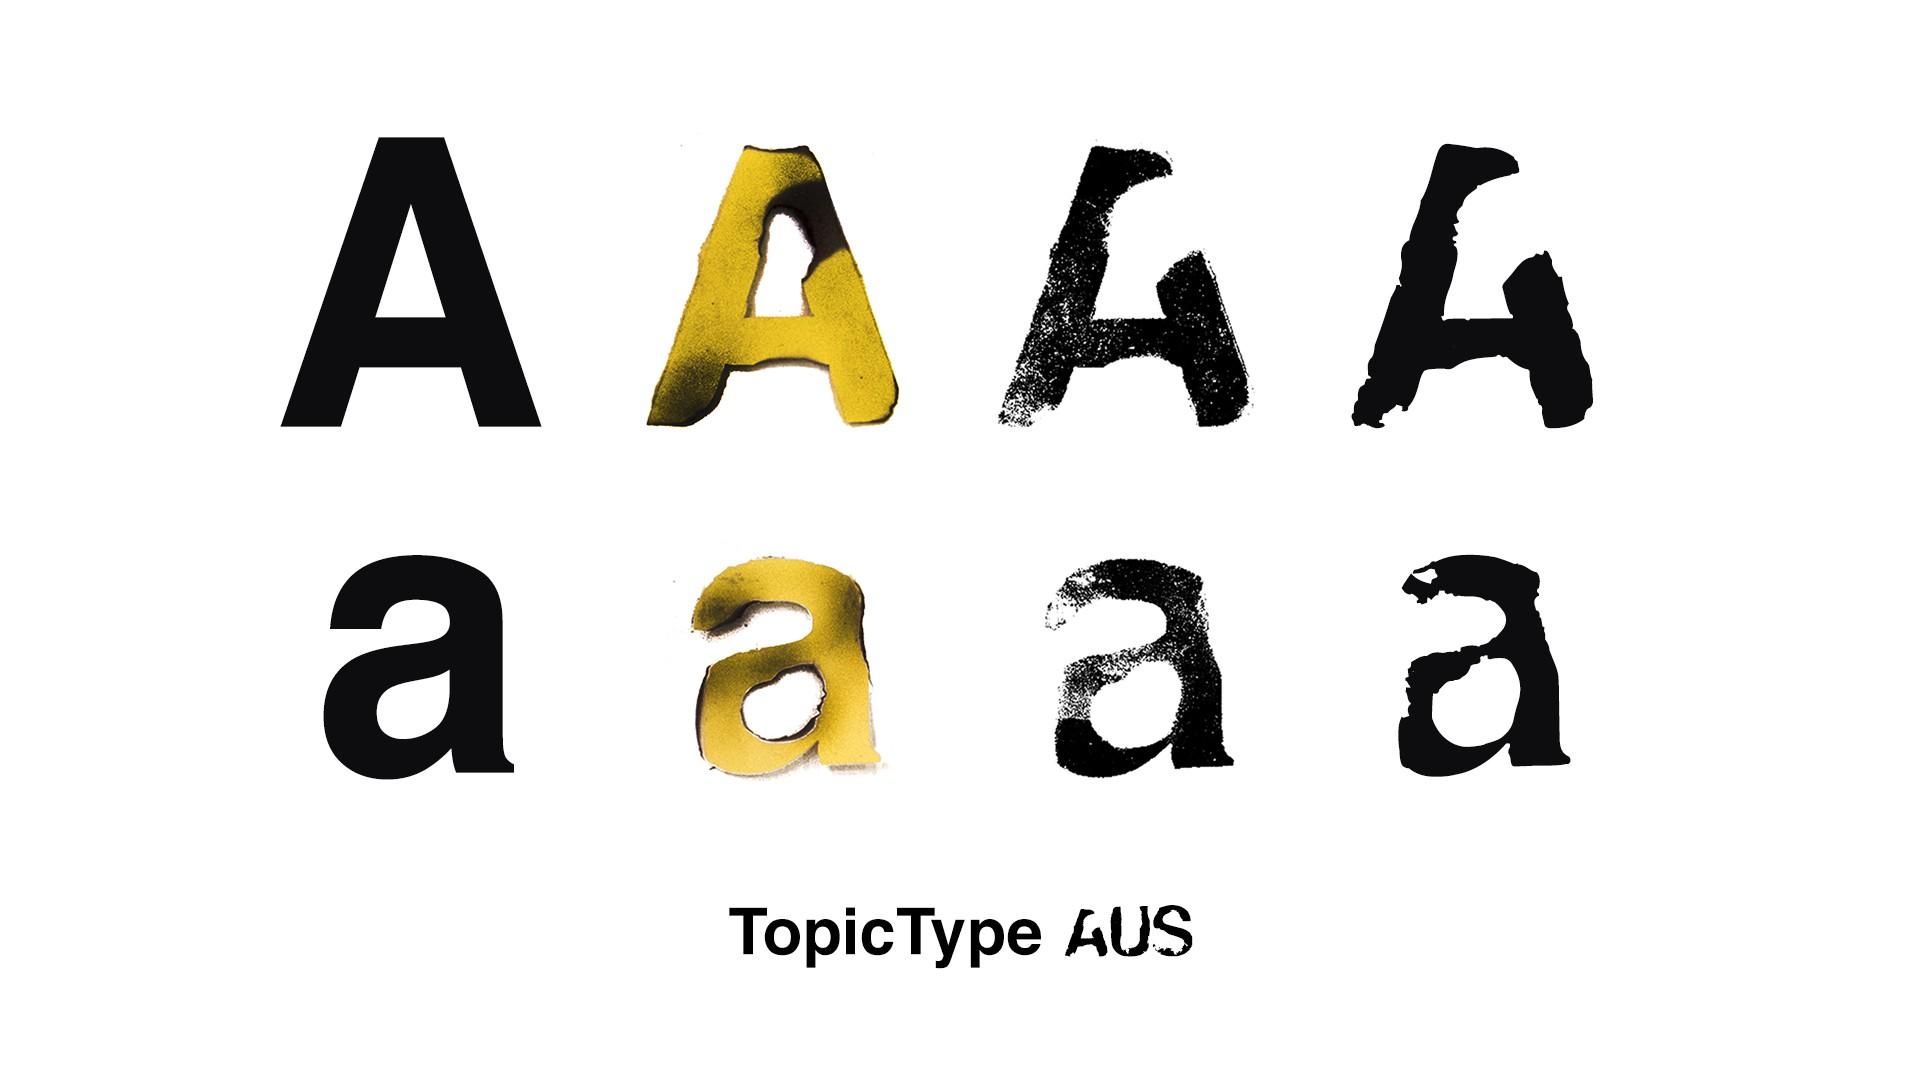 TopicType AUS